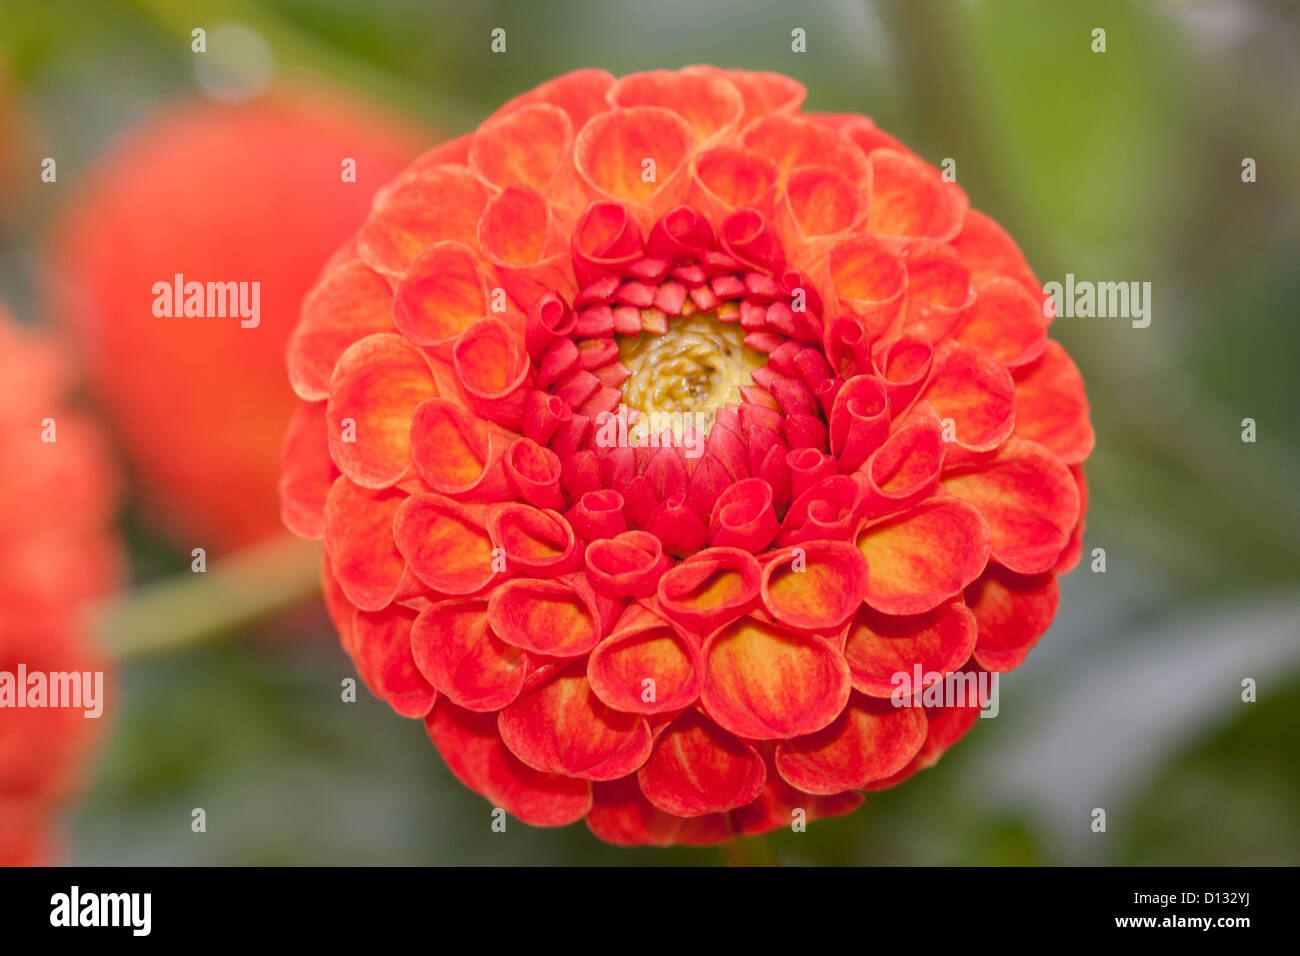 Dahlia pom pom orange flower plant dahlia stock photos dahlia pom gmlg13082251 close up of orange pom pom dahlia flower stock image izmirmasajfo